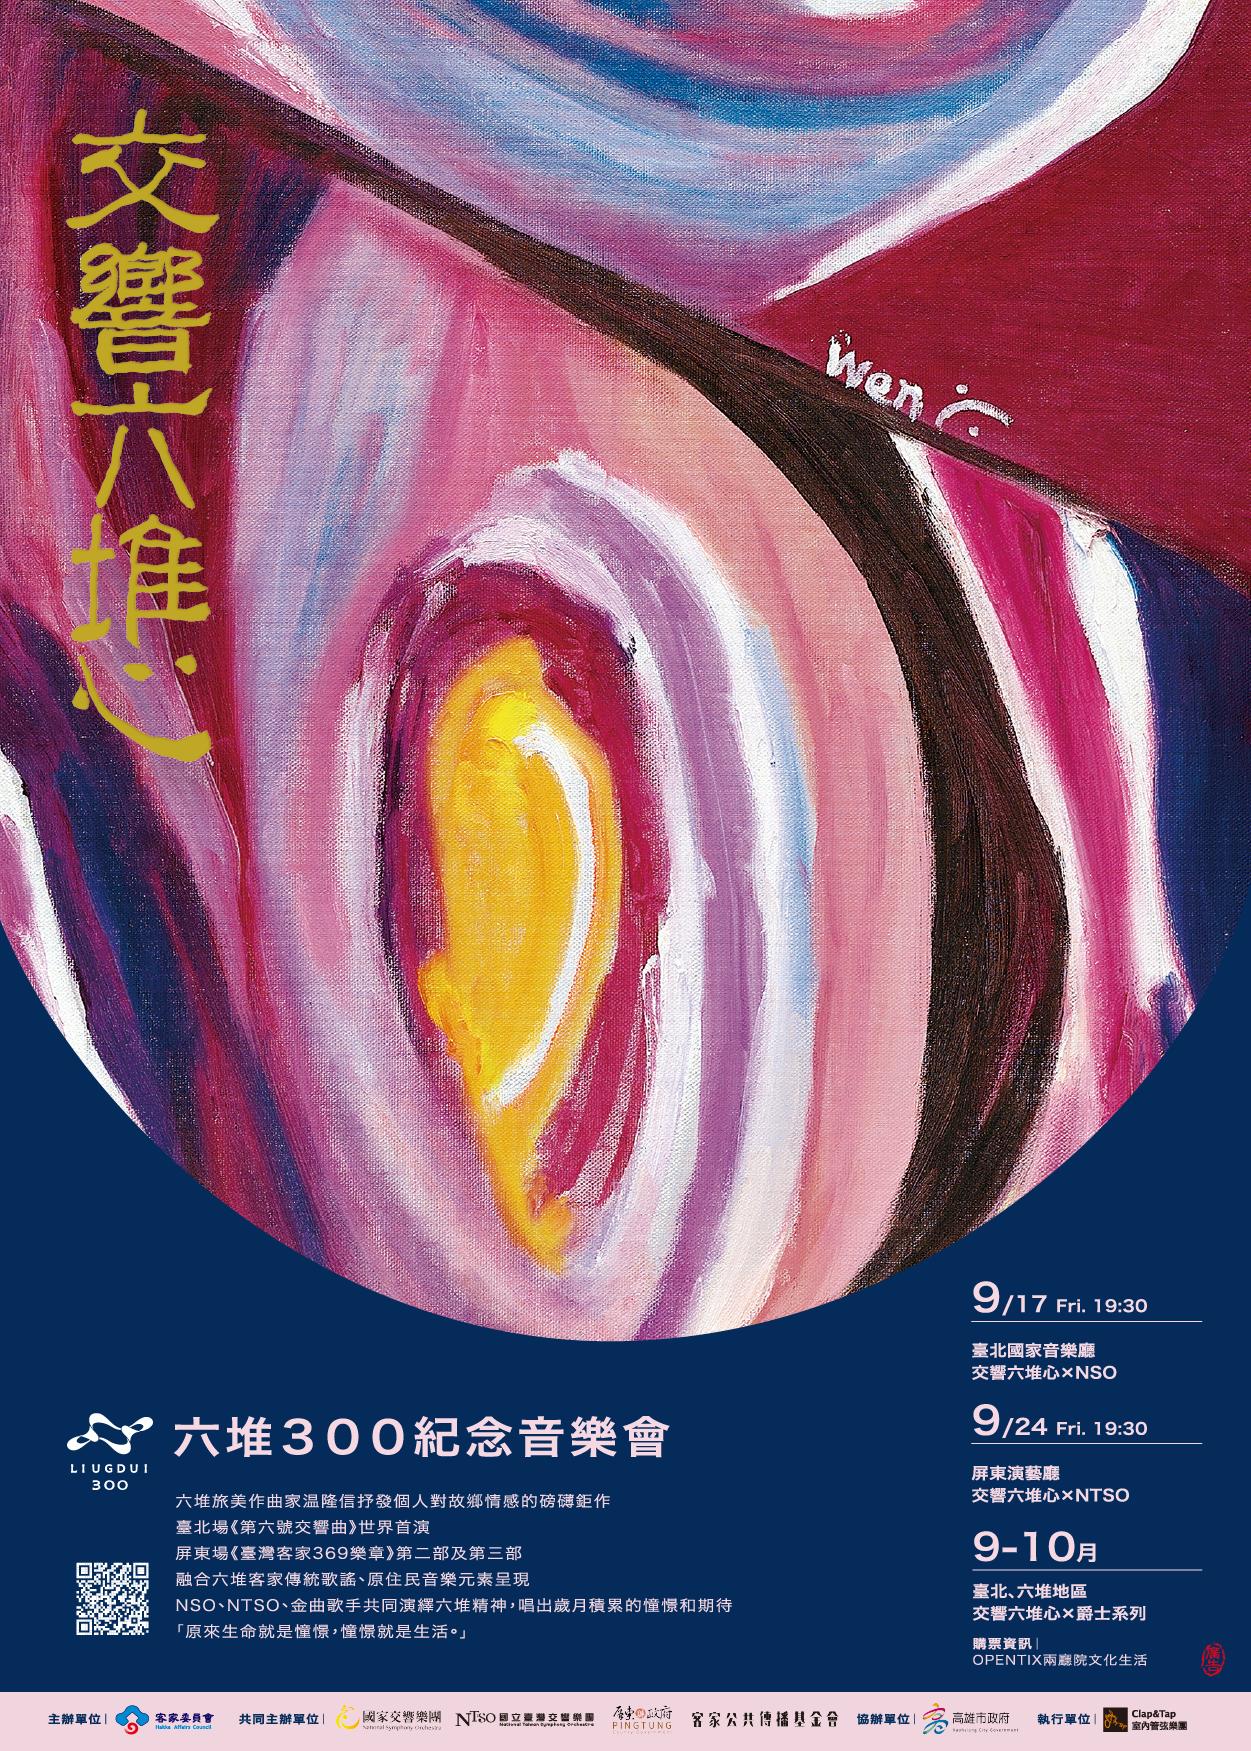 《交響六堆心X NSO》-六堆300紀念音樂會